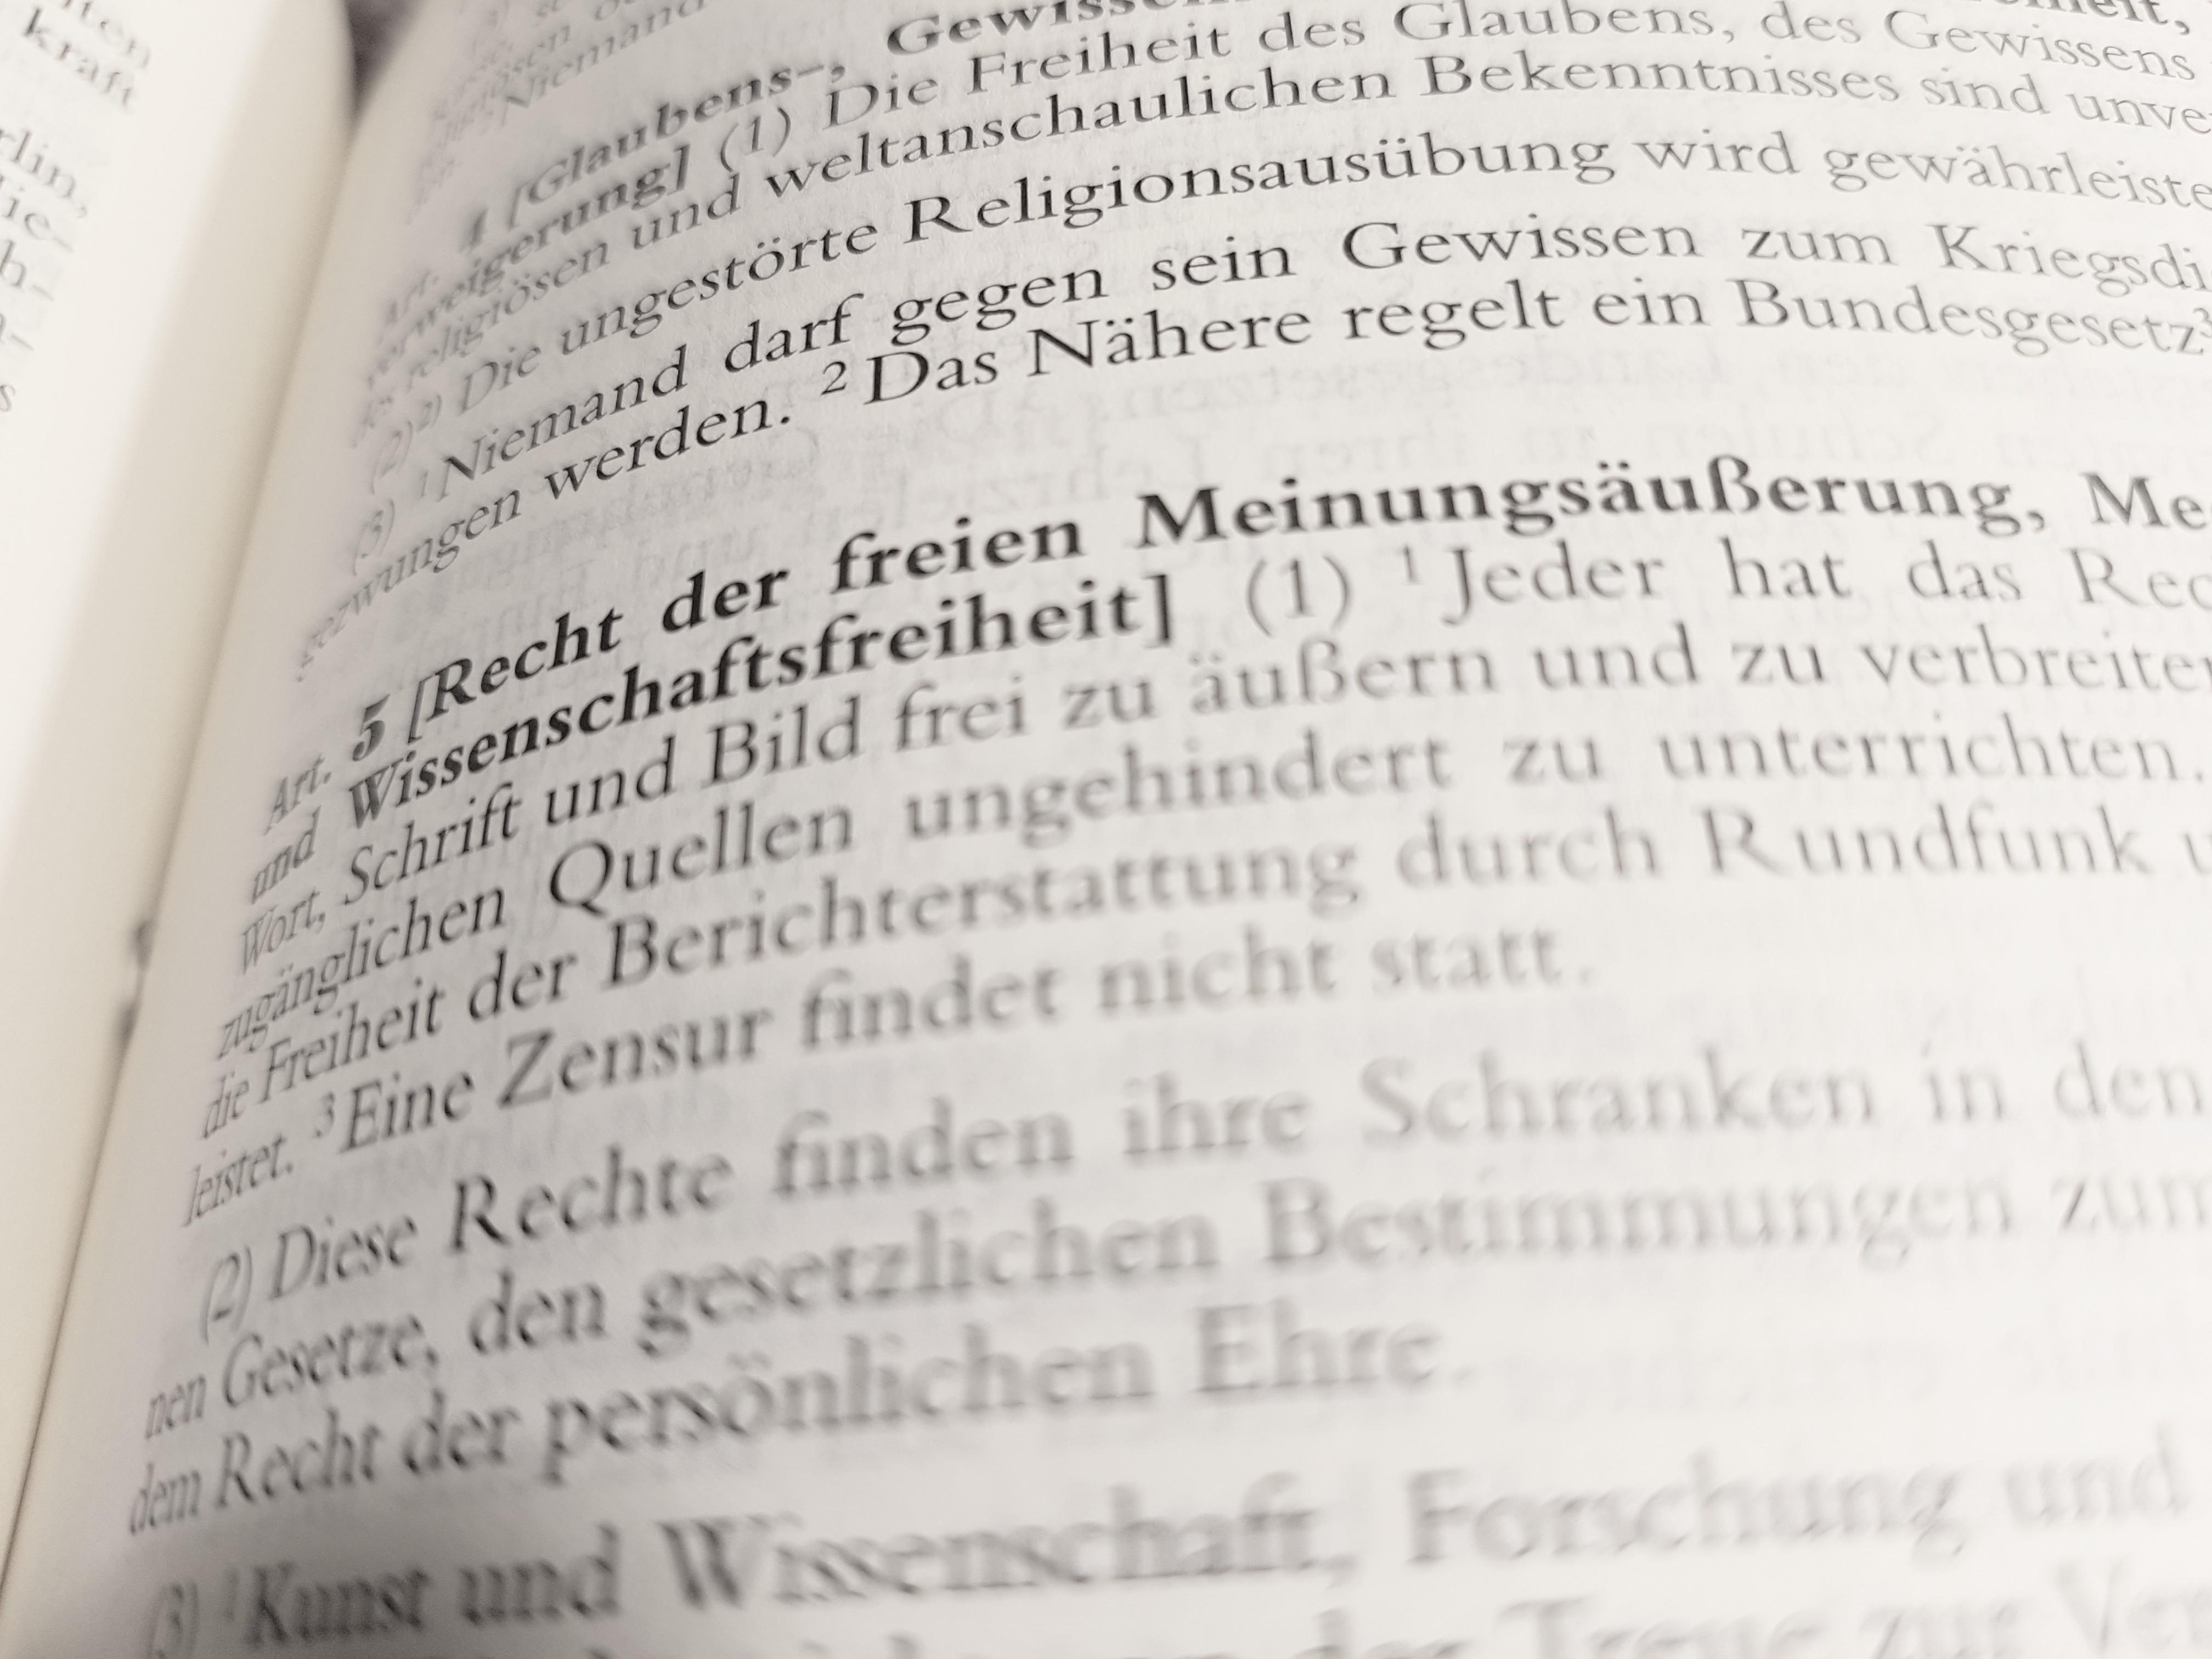 Das Foto zeigt den Blick in das Grundgesetz, wo Artikel 5 Meinungsfreiheit zu sehen ist.